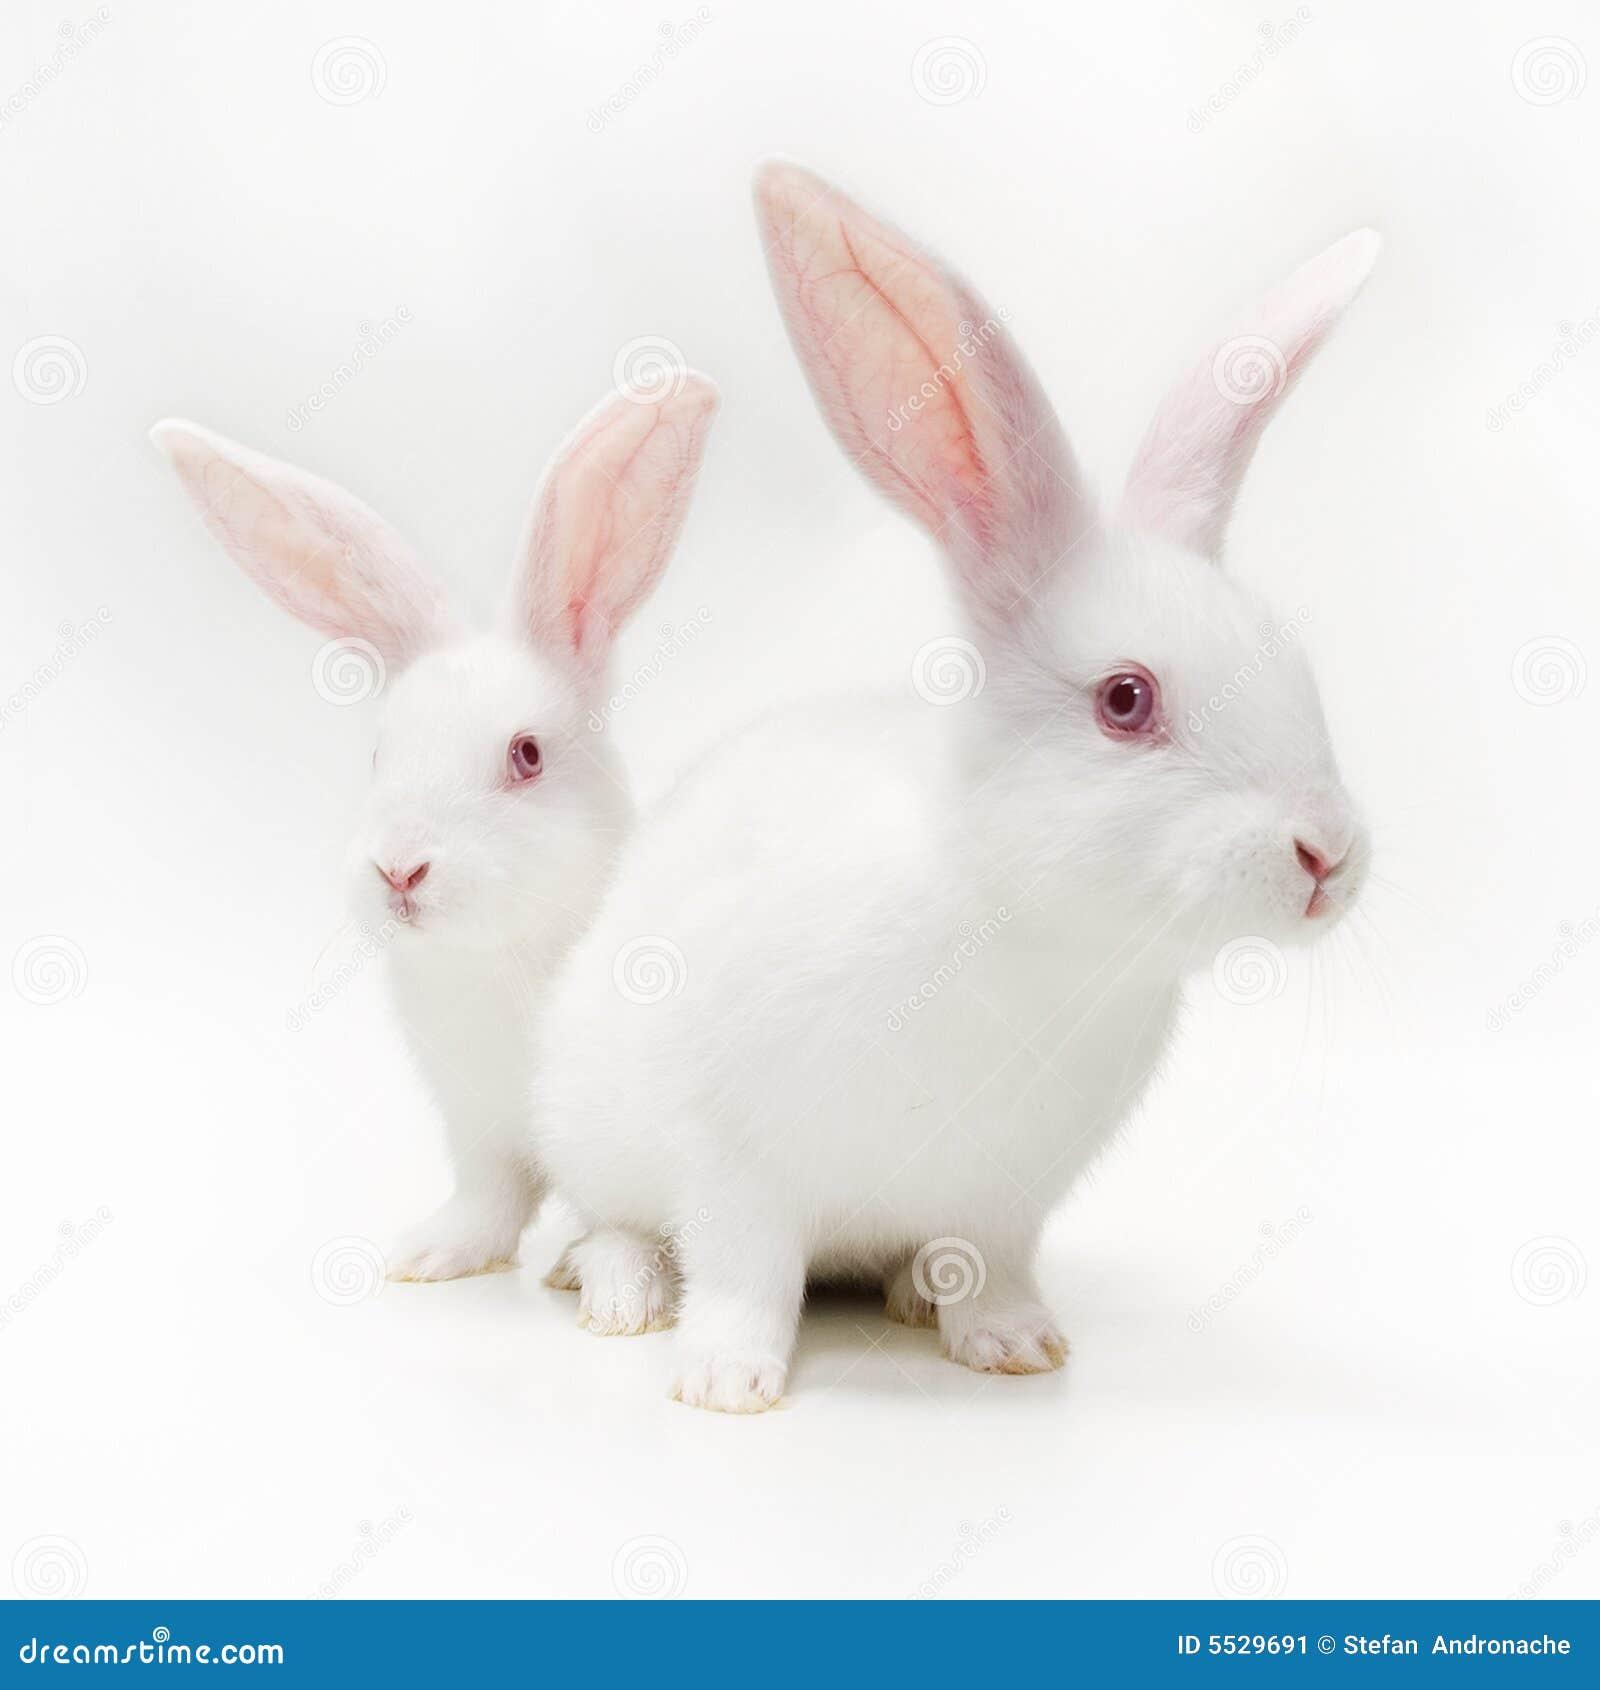 witte-konijnen-5529691.jpg